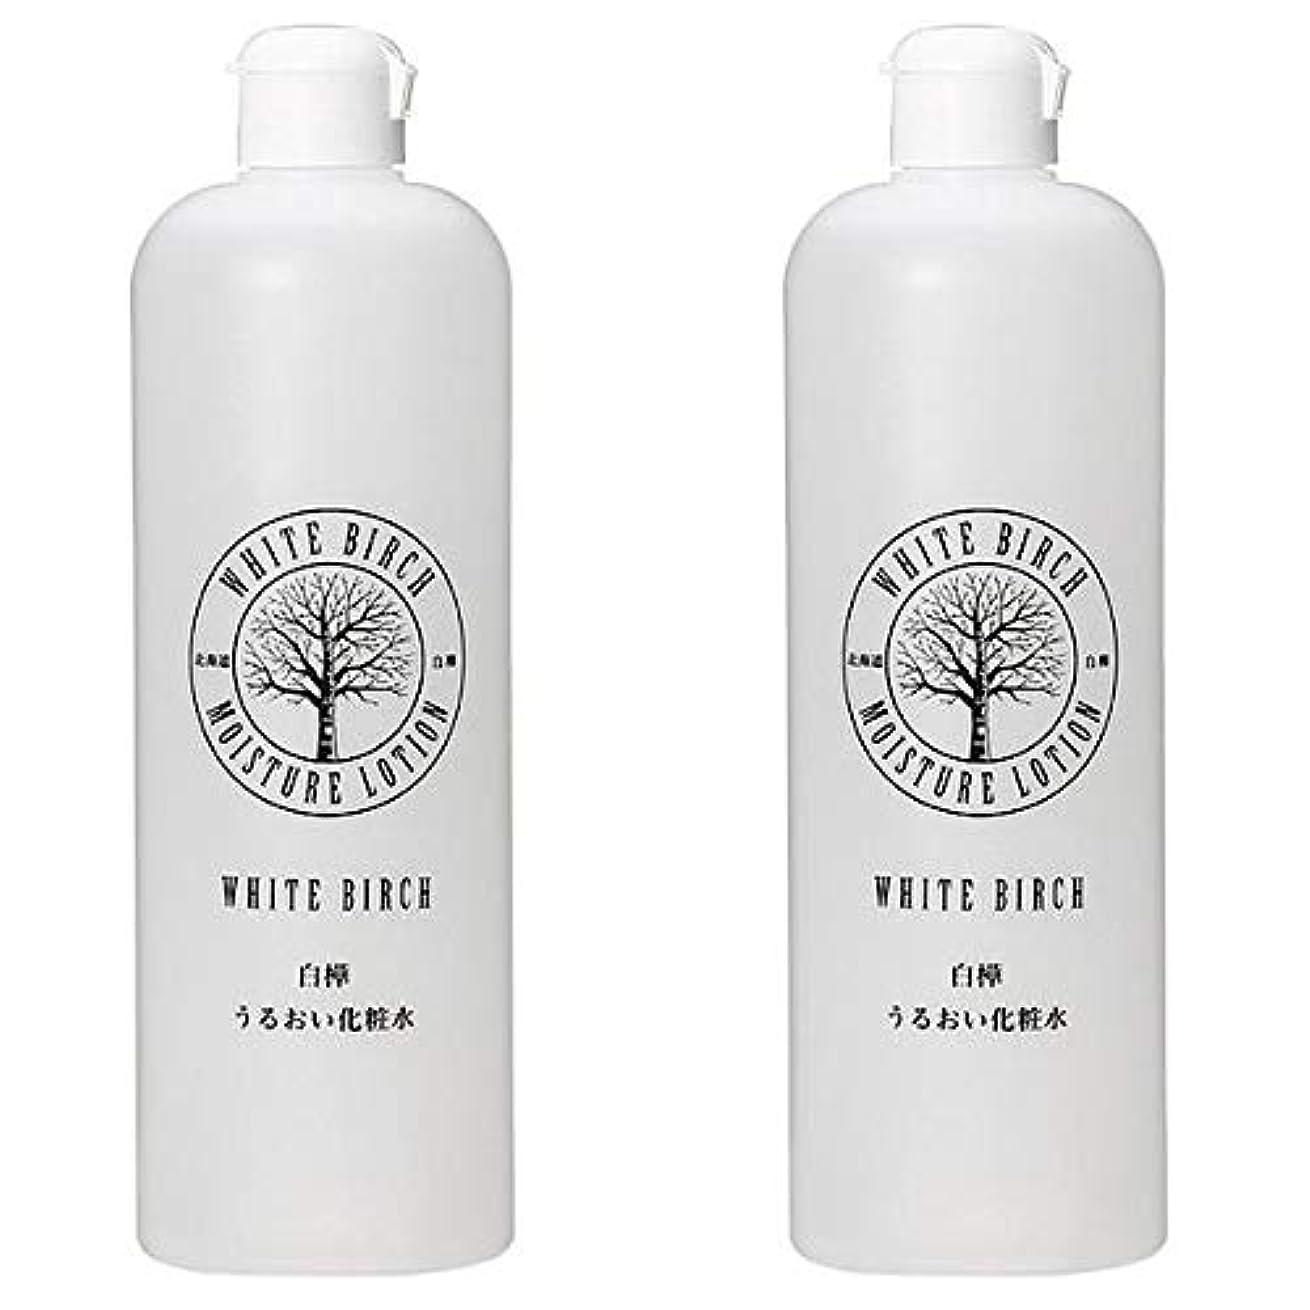 密輸お酢世代北海道アンソロポロジー 白樺うるおい化粧水 500mL 【2個セット】